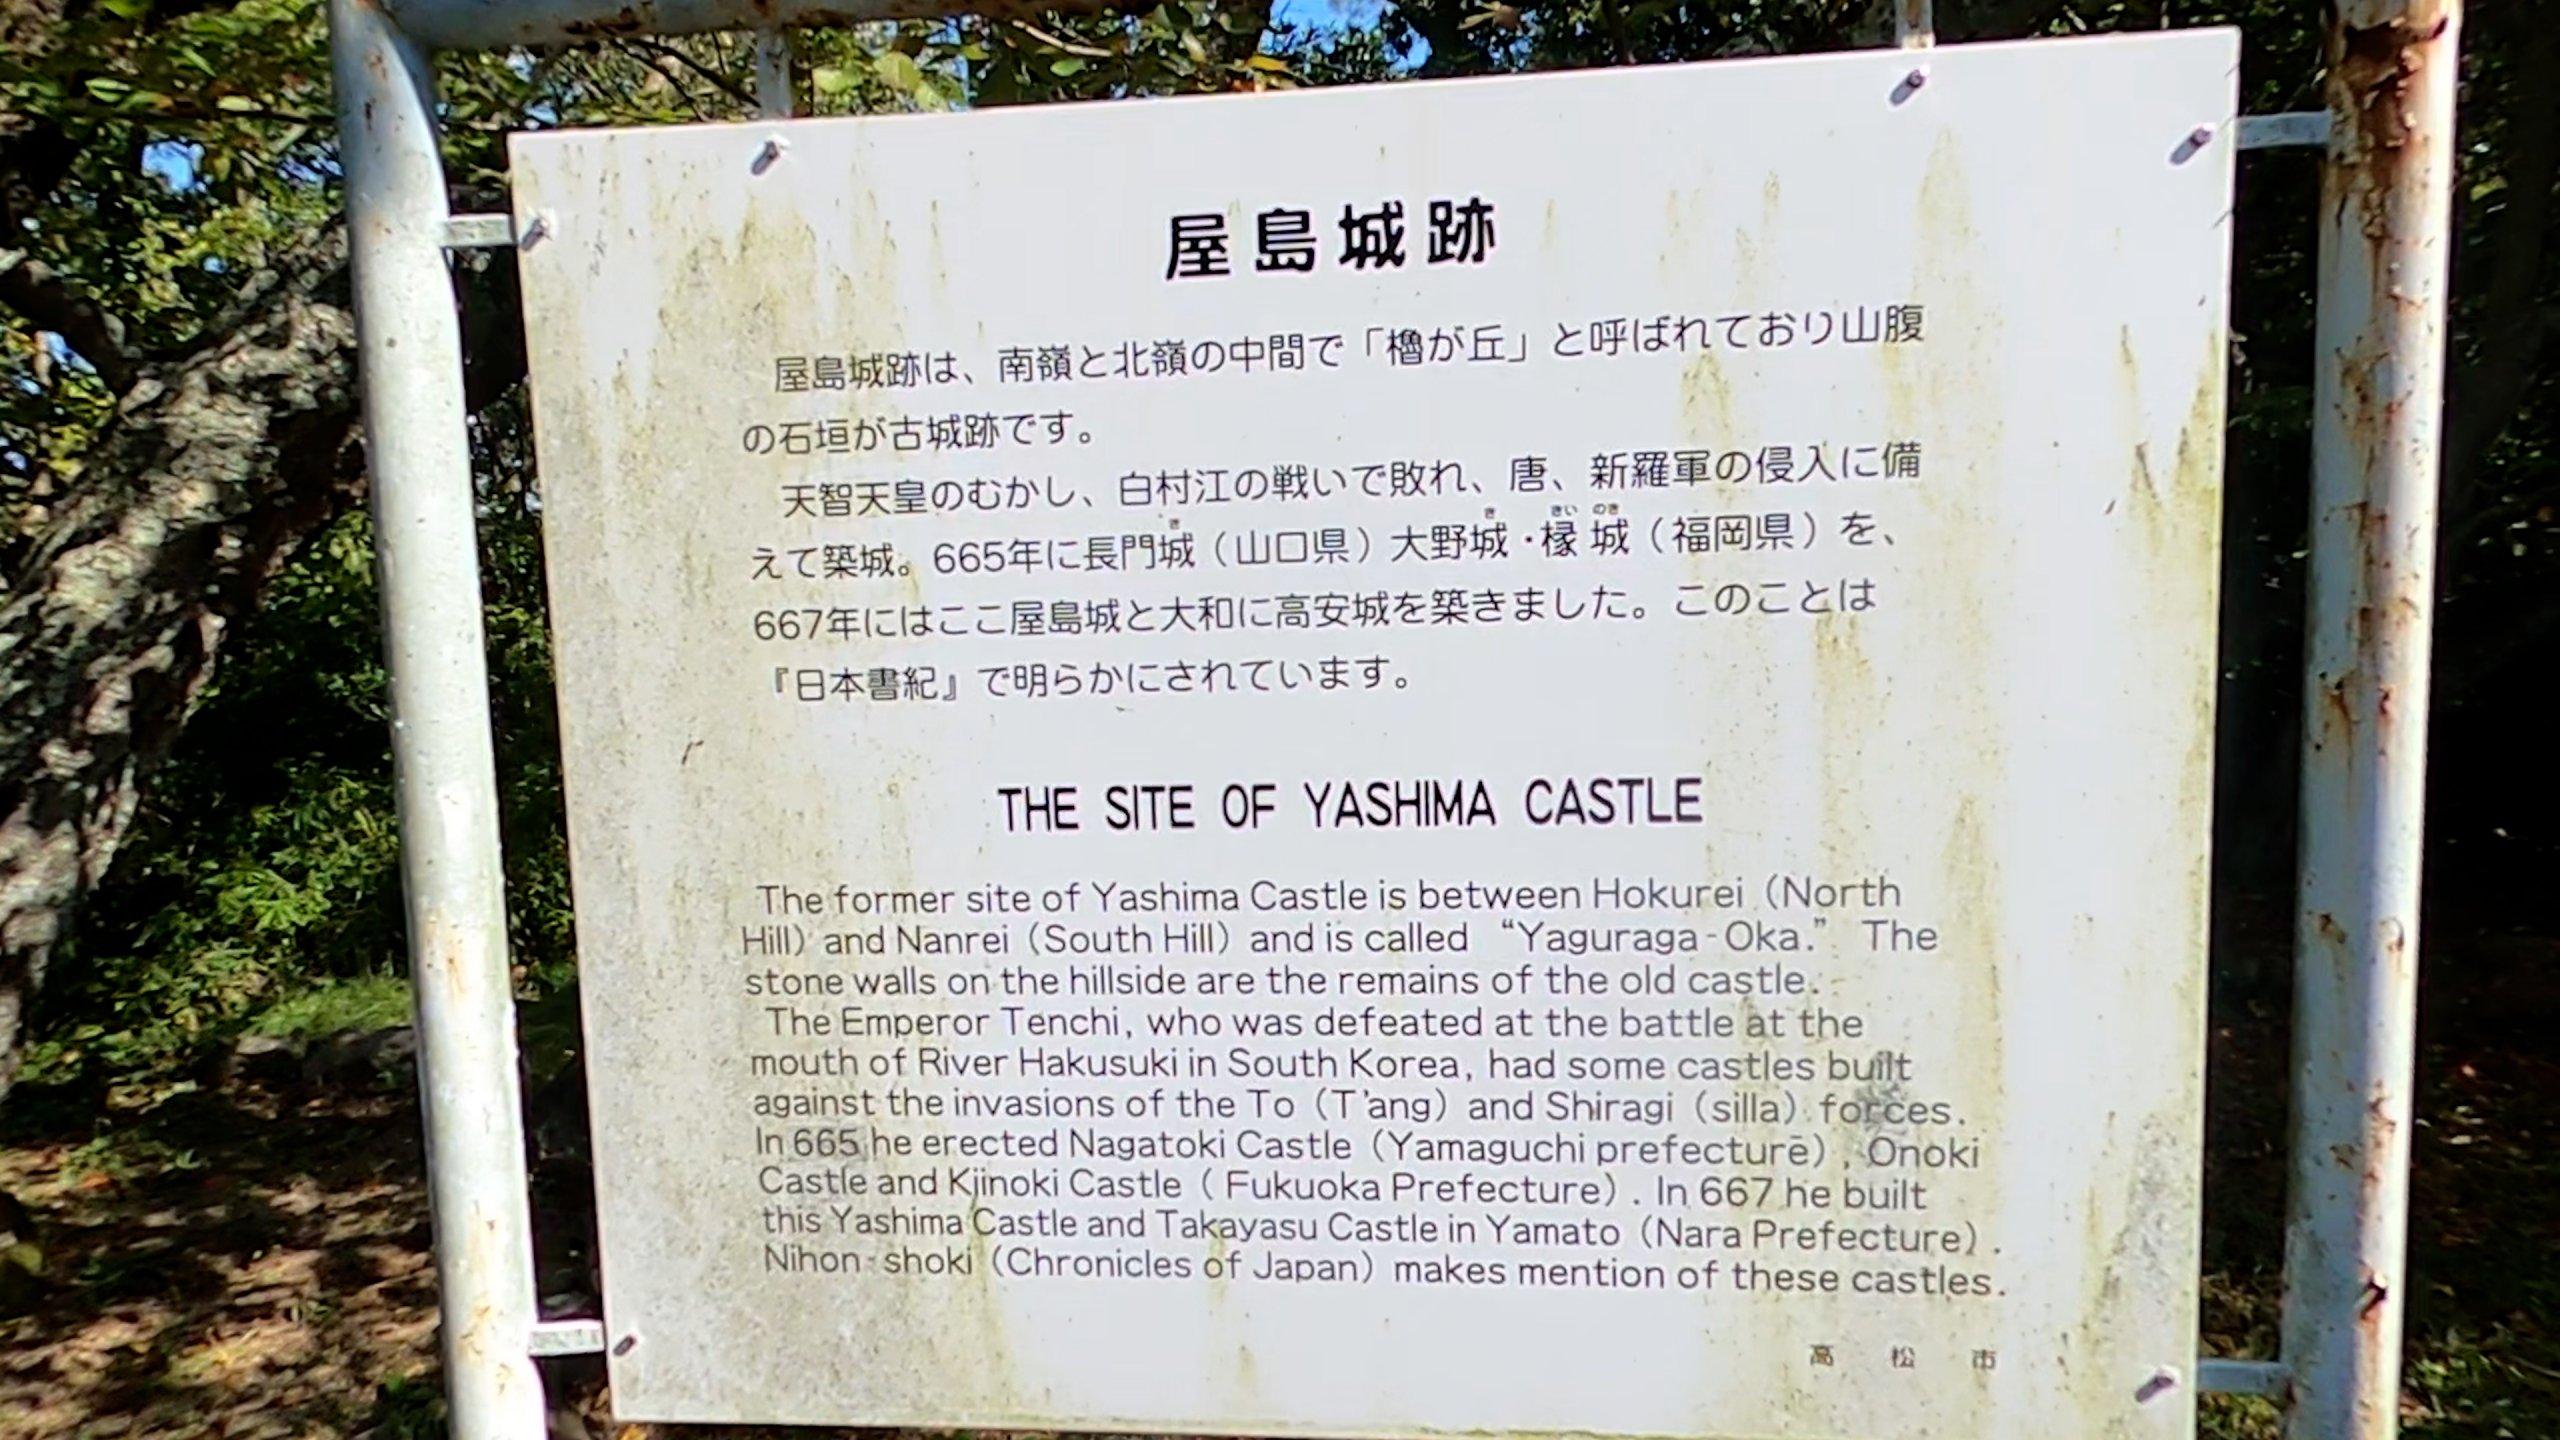 屋島城跡まで歩いてきた